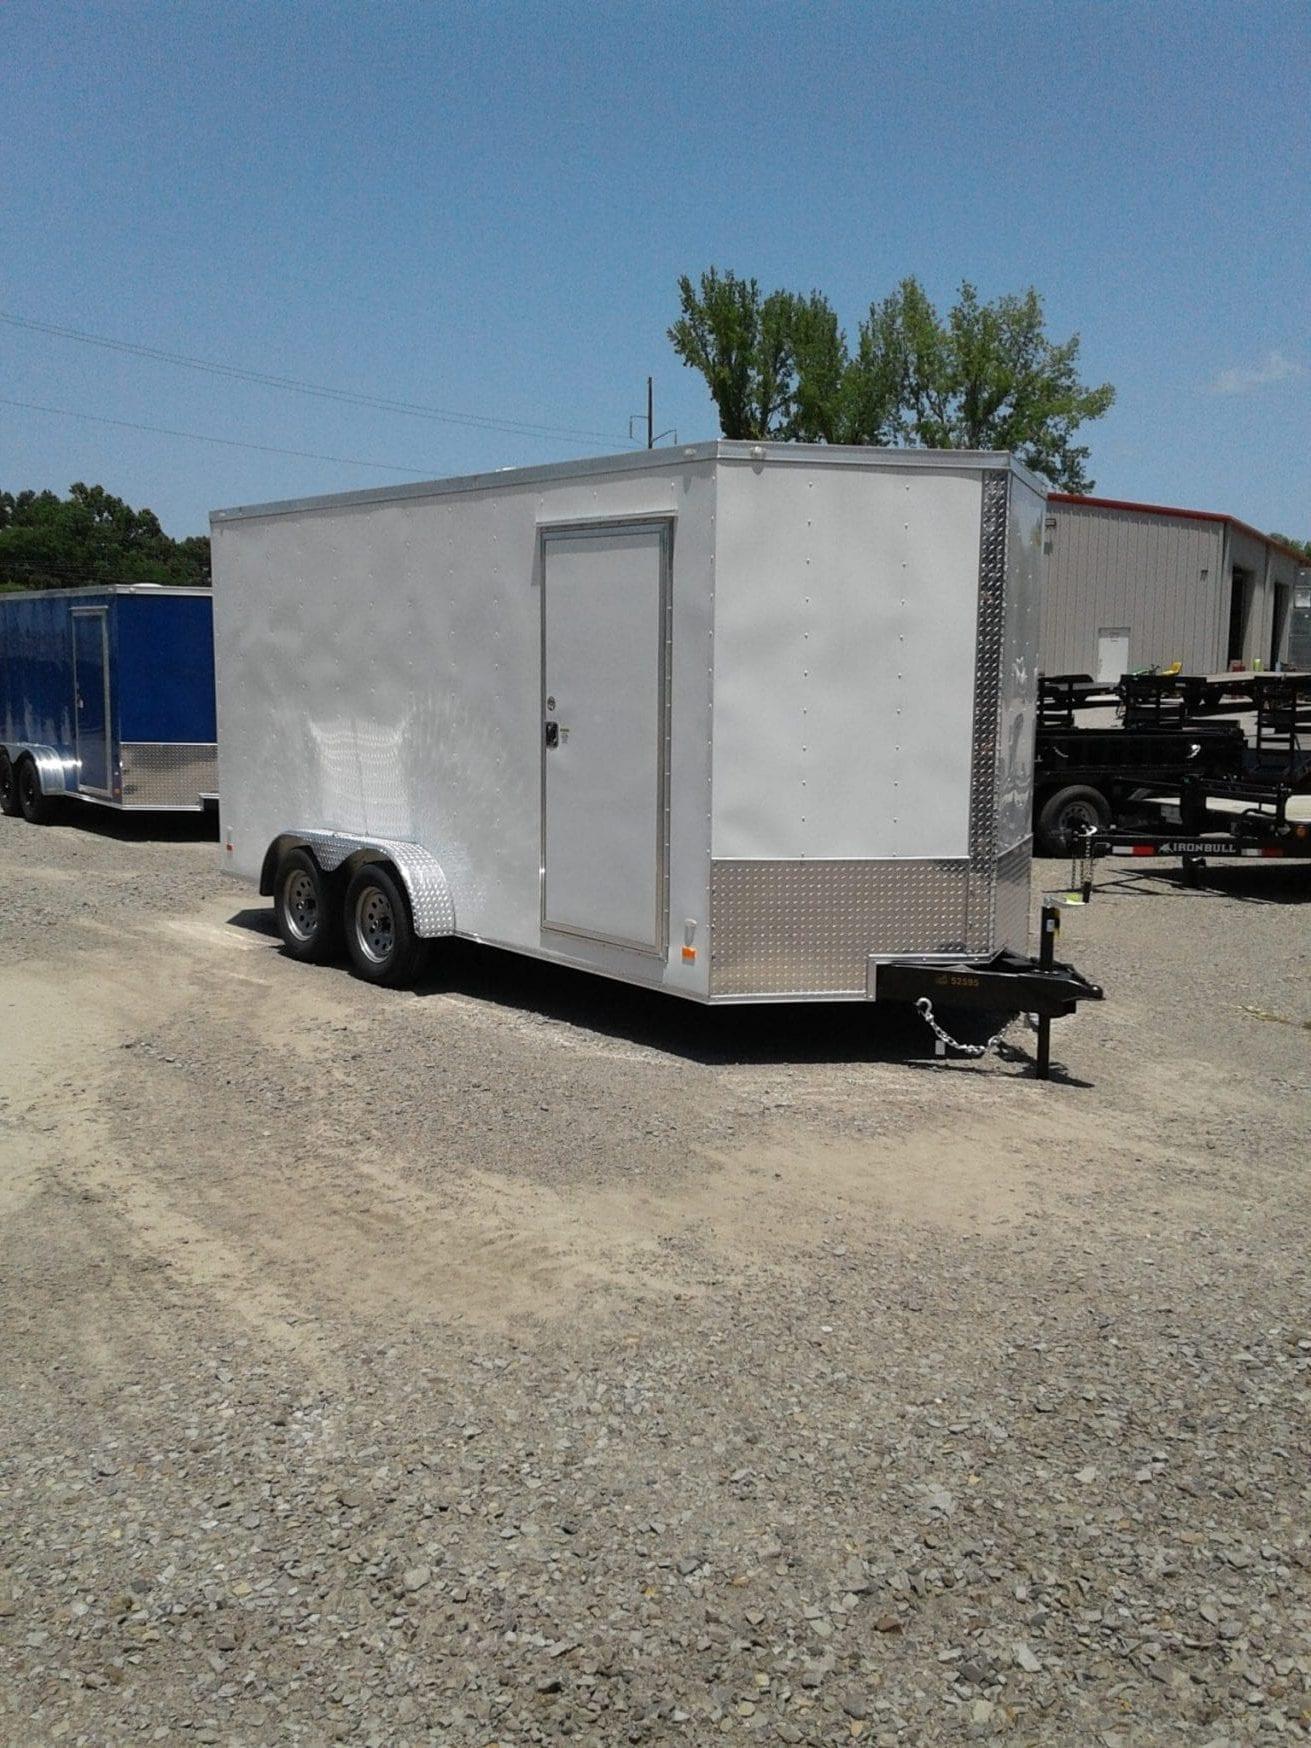 Car Corner Van Buren Ar >> Covered Wagon 7x16 - Cornerstone Equipment Sales